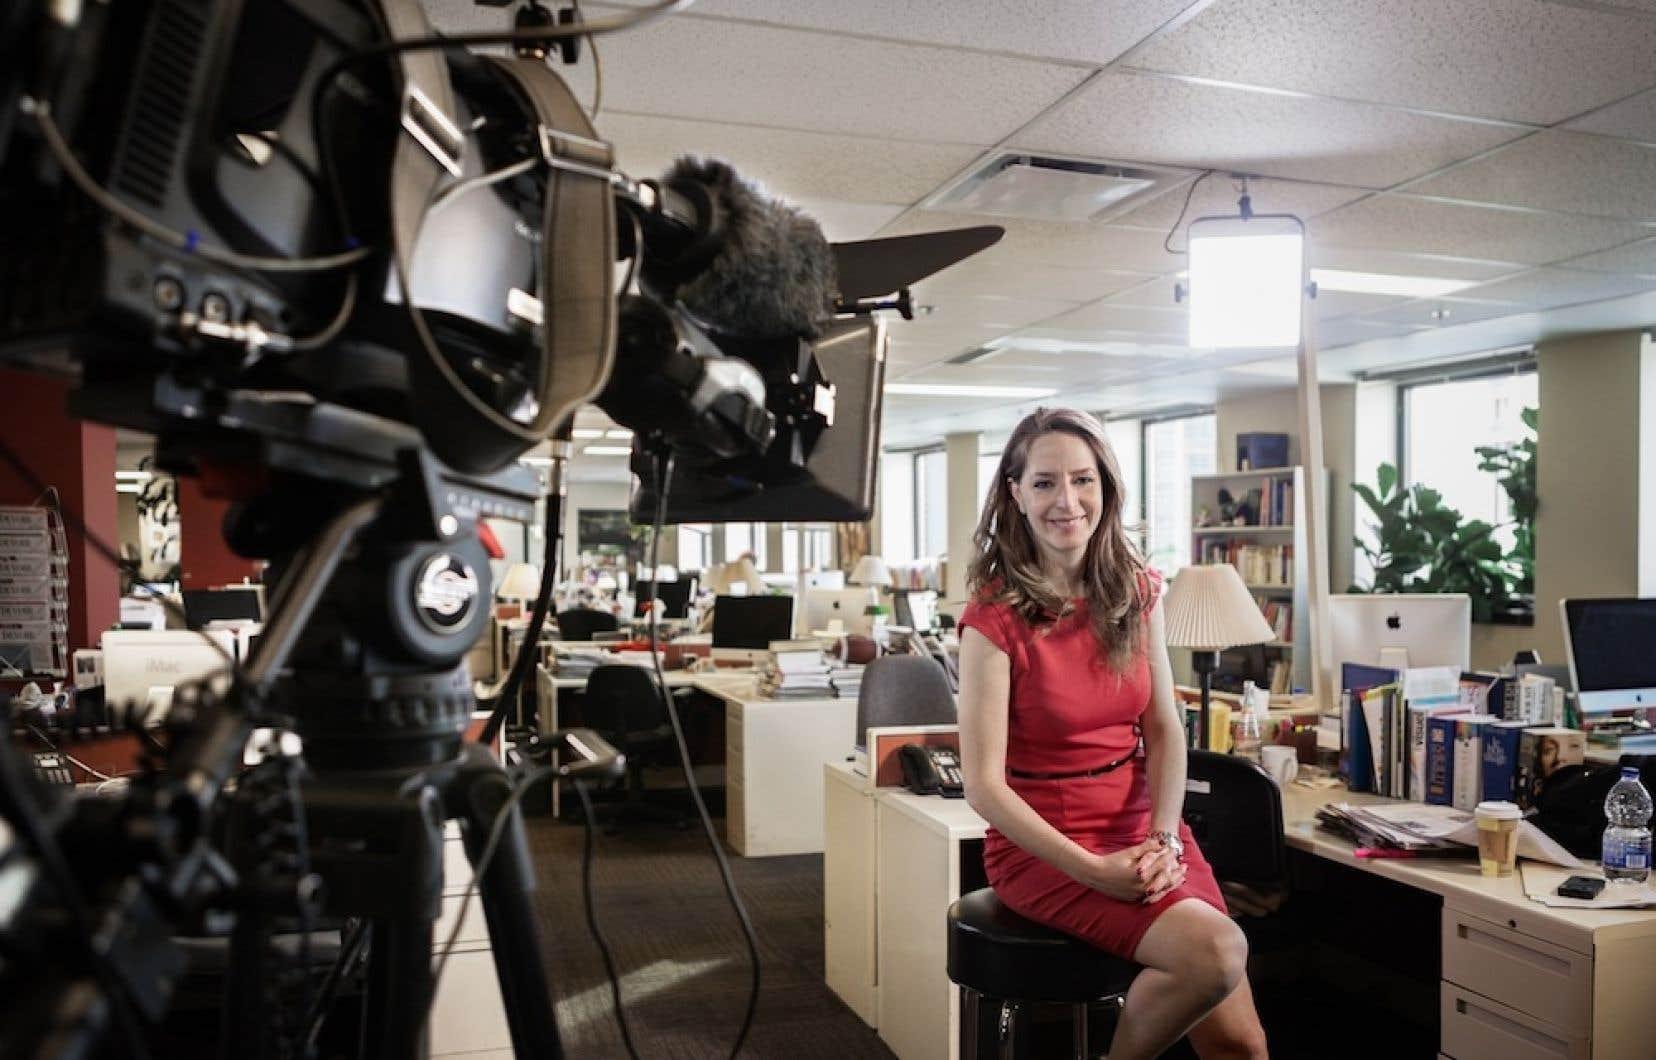 Karina Marceau dirige le projet Le Devoir+, une émission de télévision consacrée à notre journal quotidien, à ses artisans mais aussi et surtout à la mise en perspective critique de l'actualité.